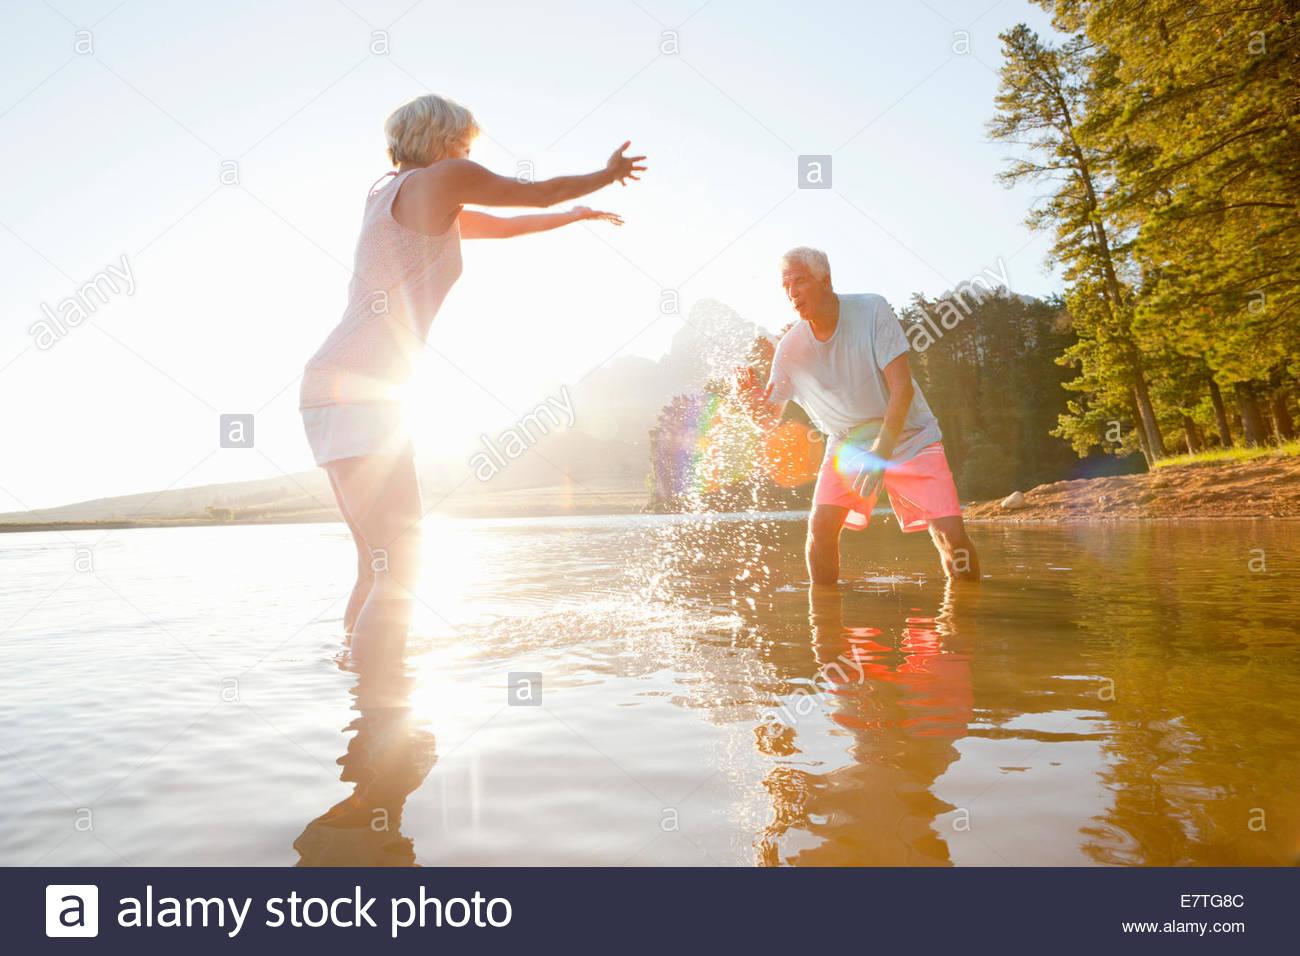 Vieux couple éclaboussant les uns les autres dans le lac Photo Stock